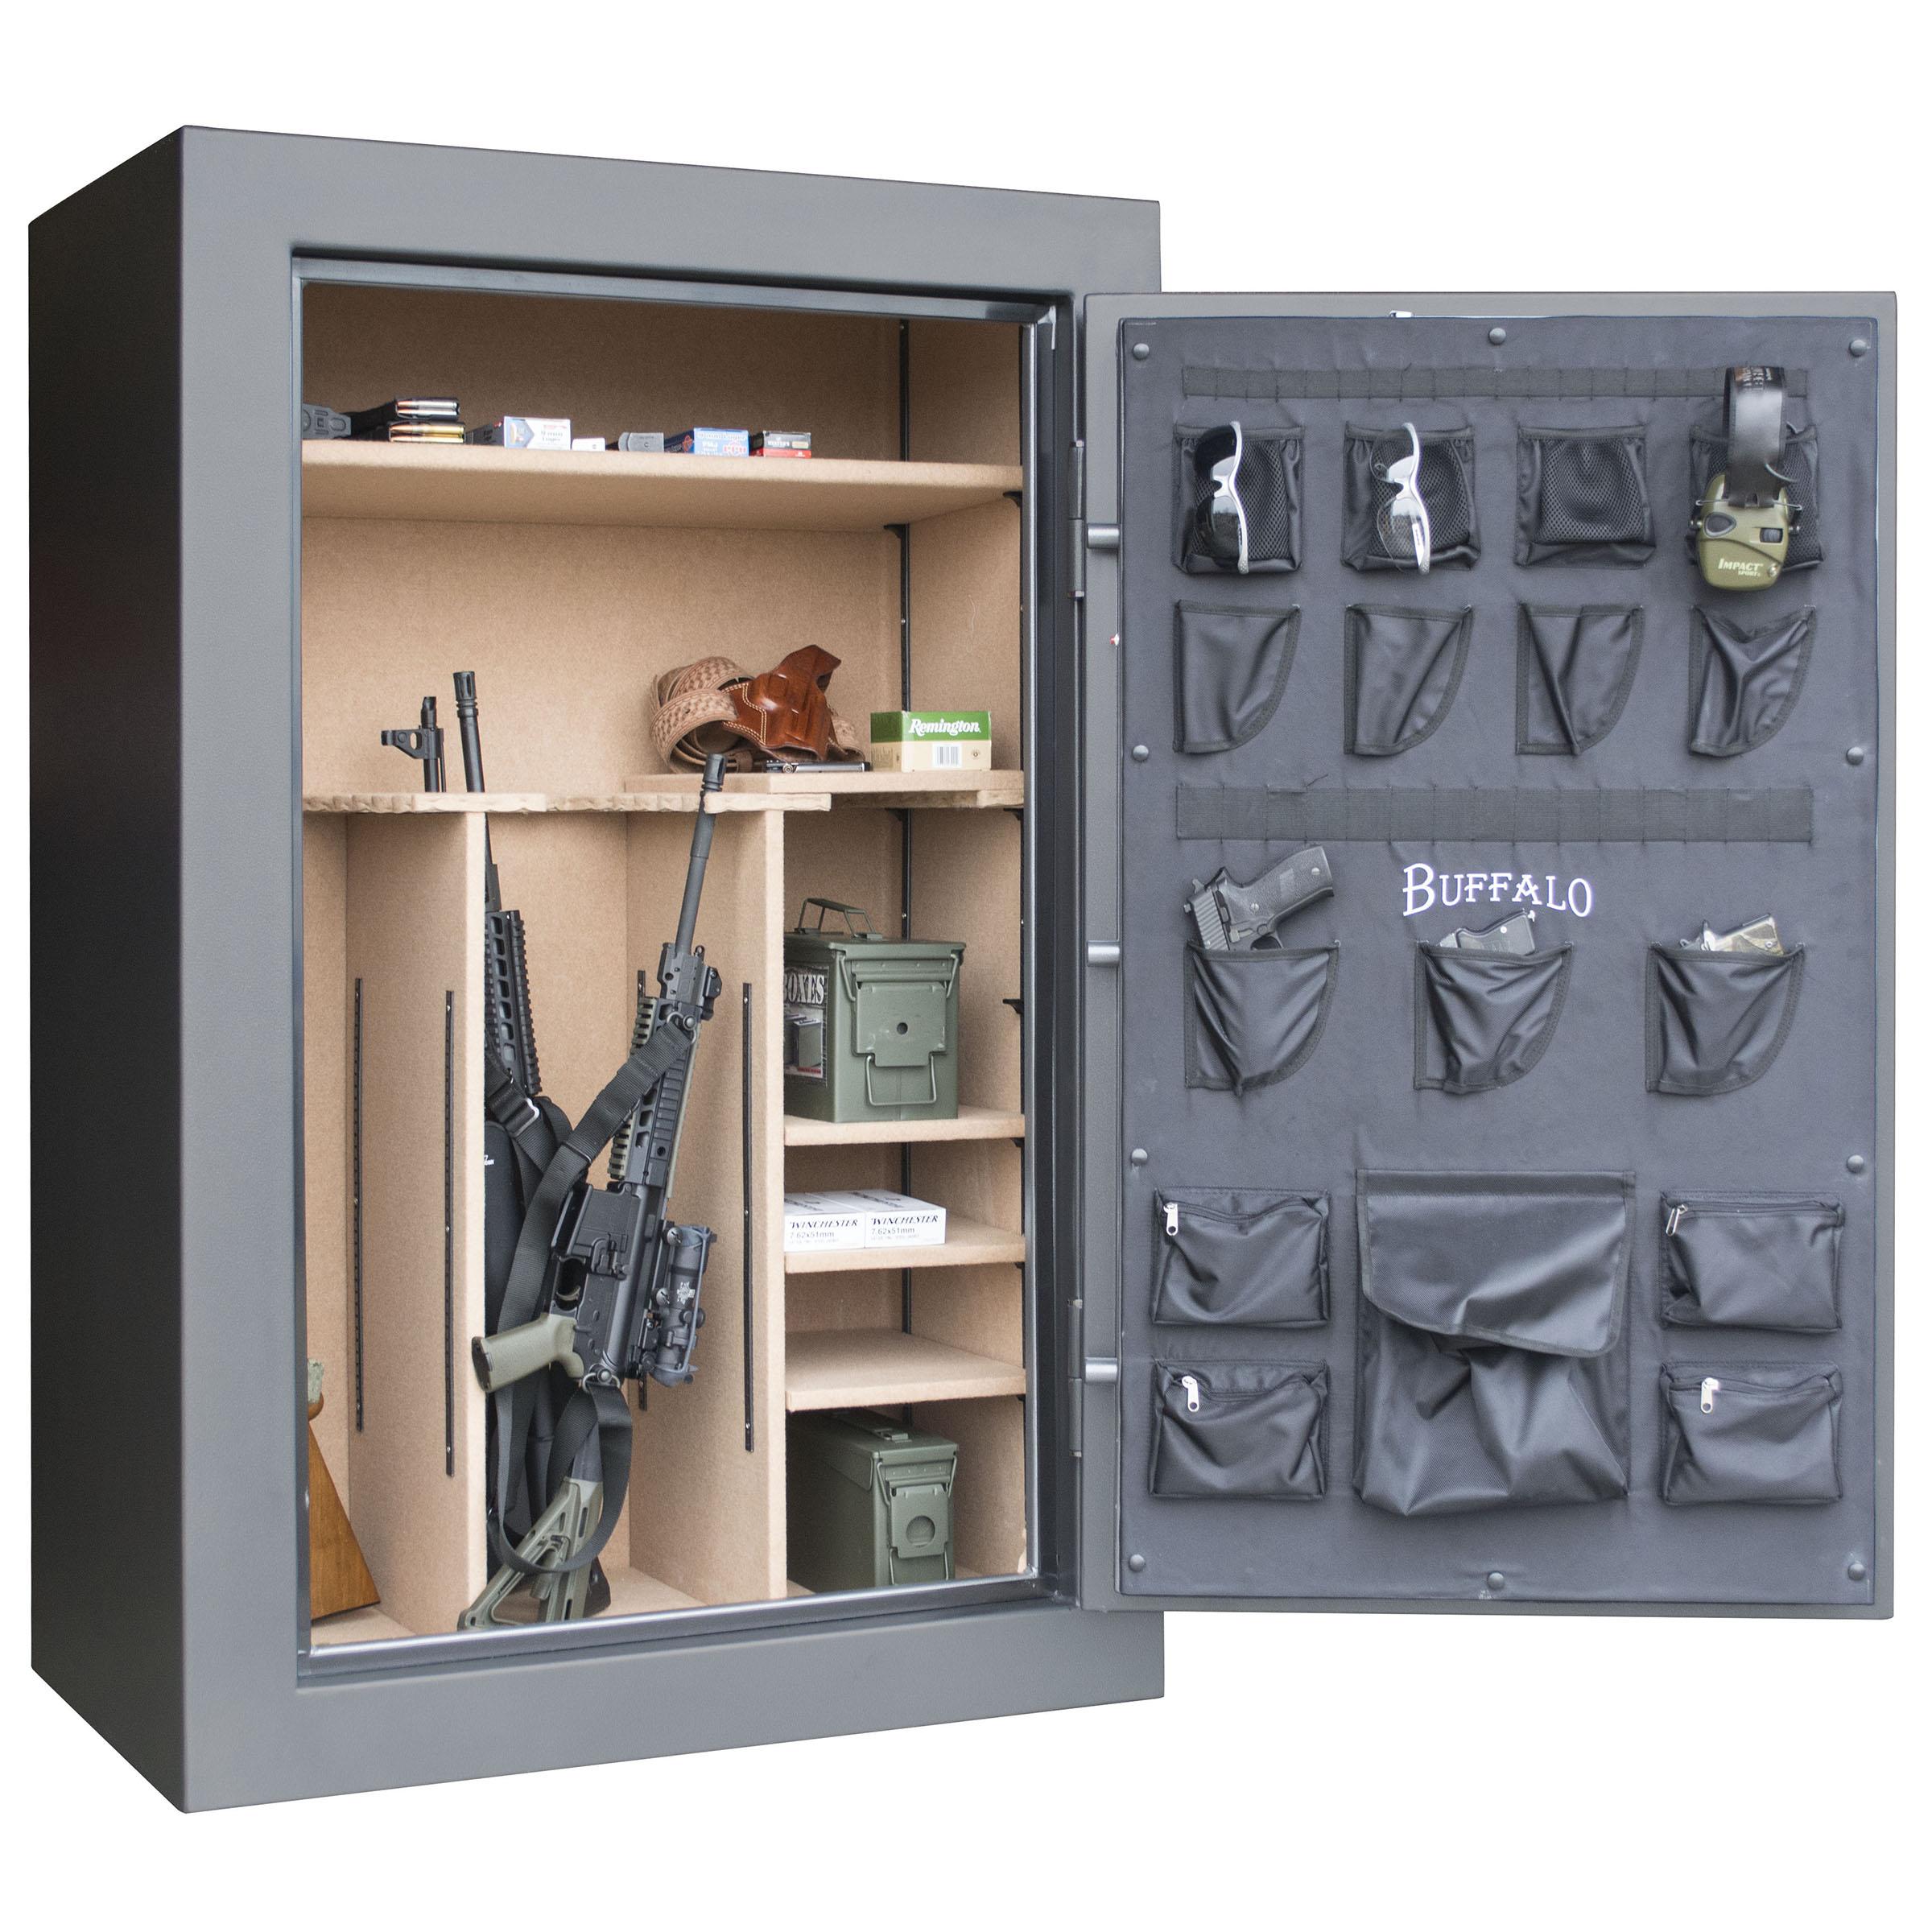 design molle home safe panel doors door ideas gun organizer